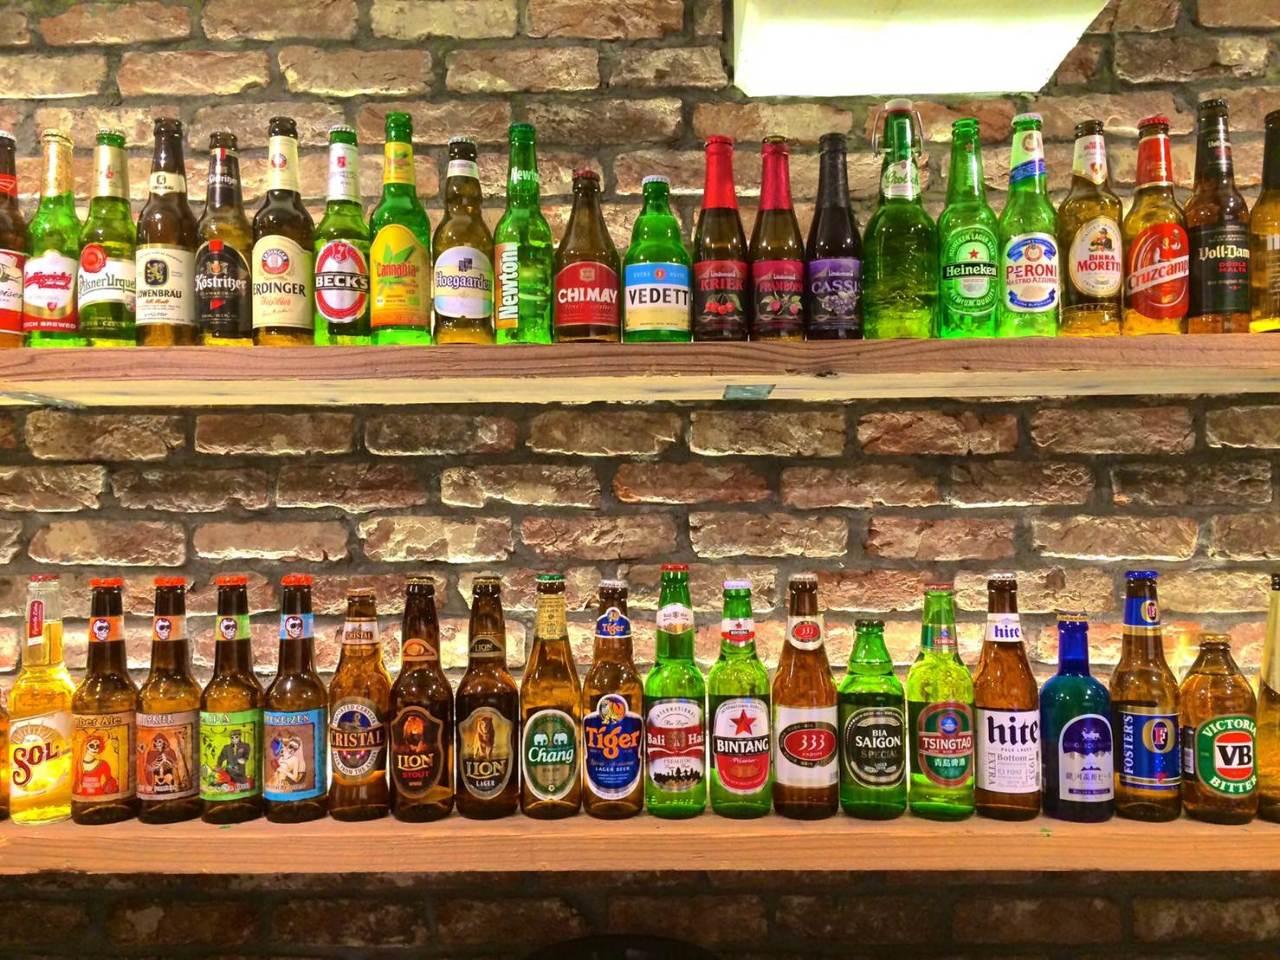 【 小旅行へ誘う】世界のビール